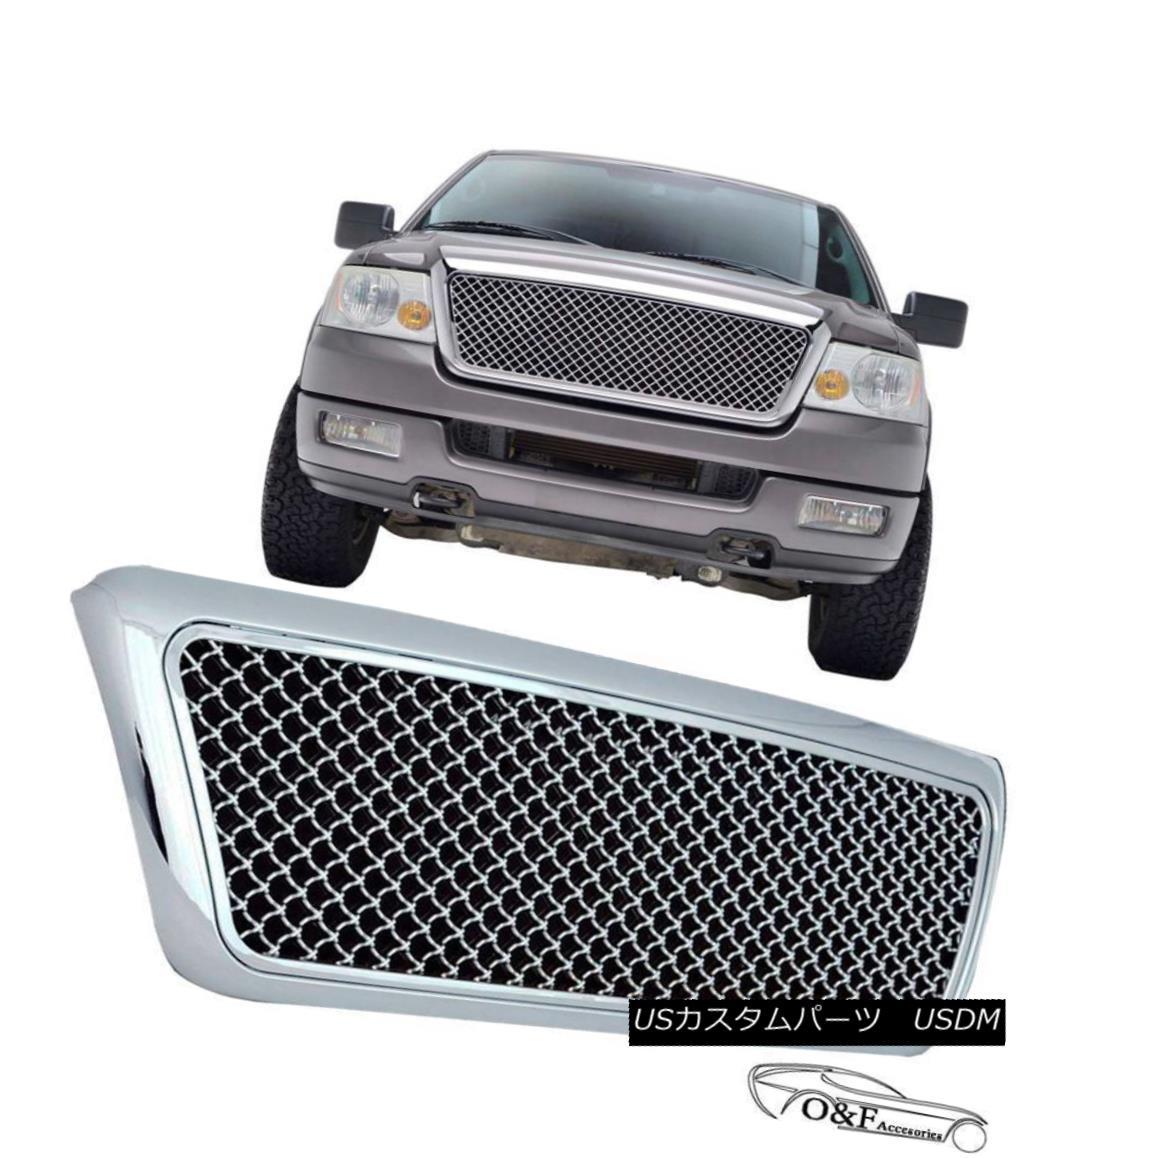 グリル 04 08 Ford F150 Chrome Mesh Front Hood Bumper Grille Replacement Grill W/Shell 04 08フォードF150クロムメッシュフロントフードバンパーグリル交換グリルW /シェル